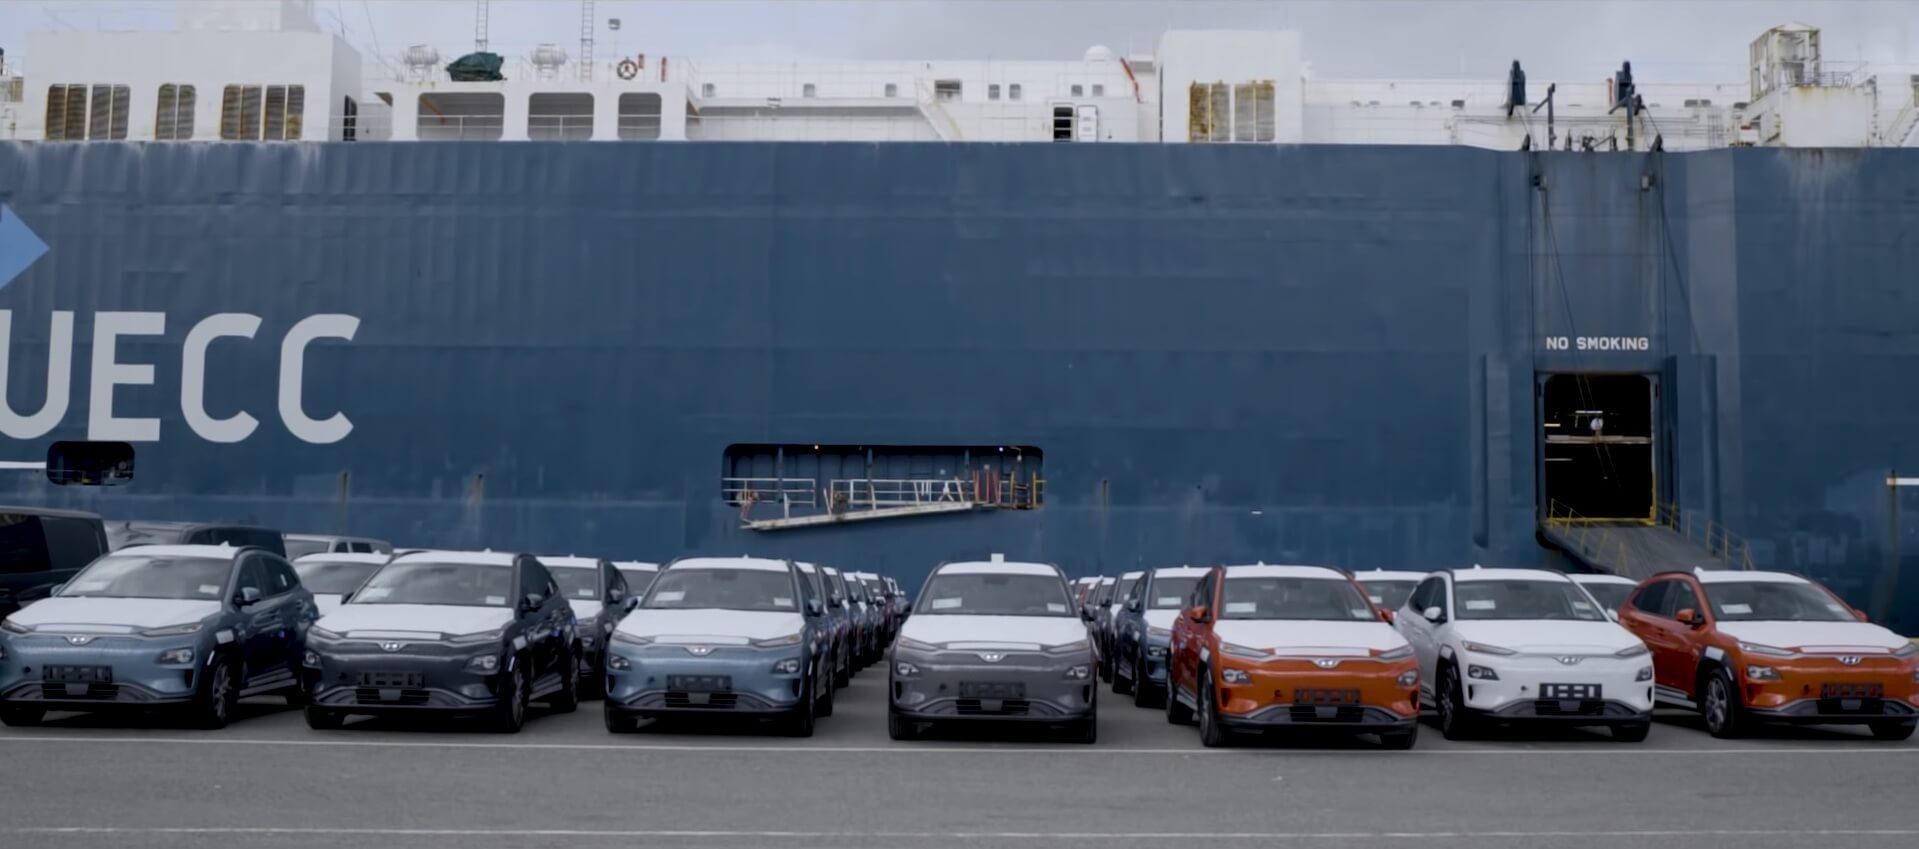 Первые вЕвропе Hyundai Kona Electric доставлены вНорвегию